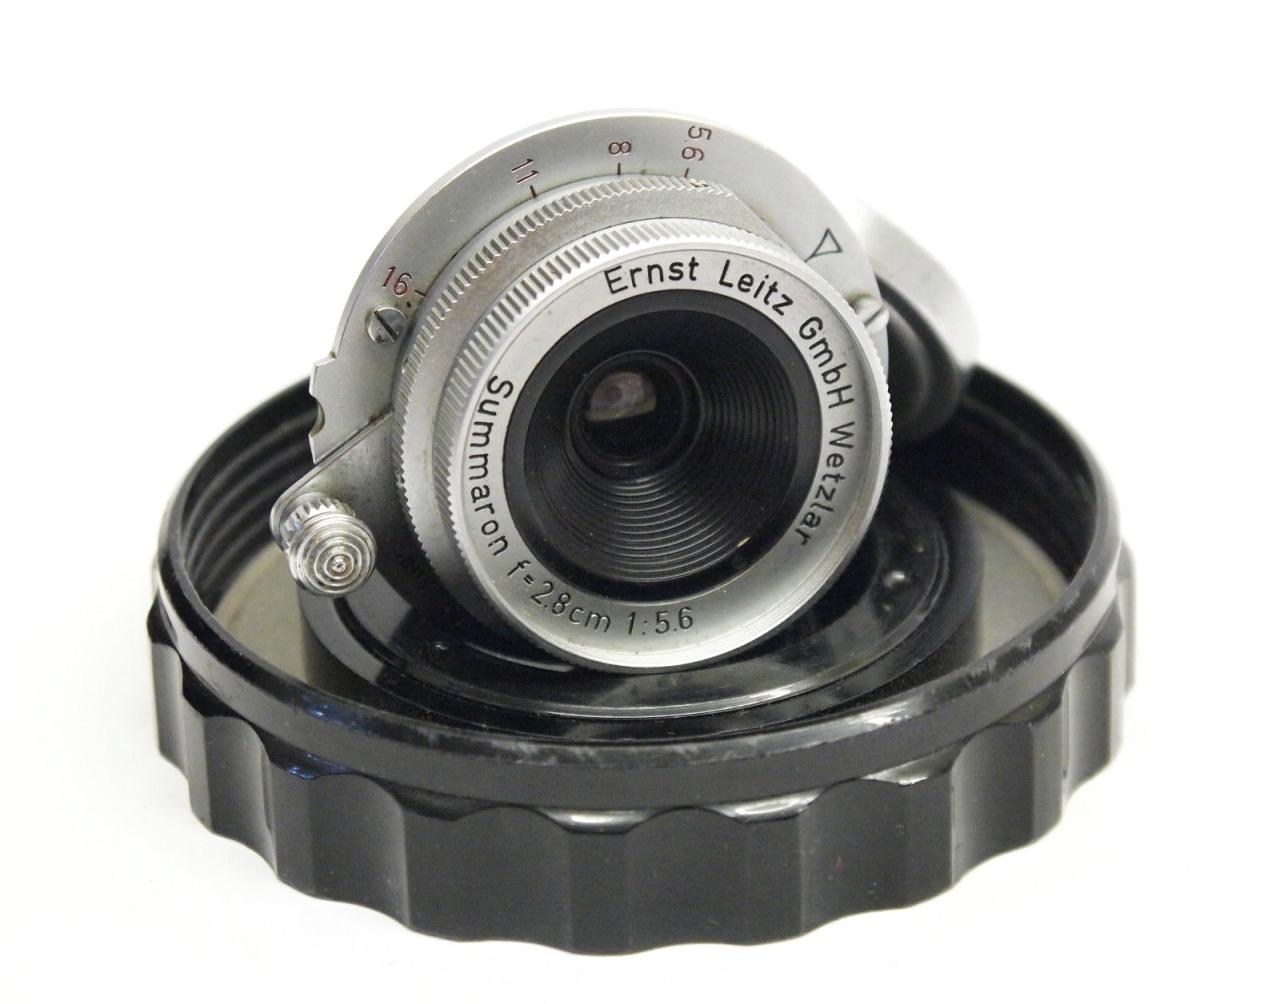 leitz-leica-summaron-28cm-f56-28mm